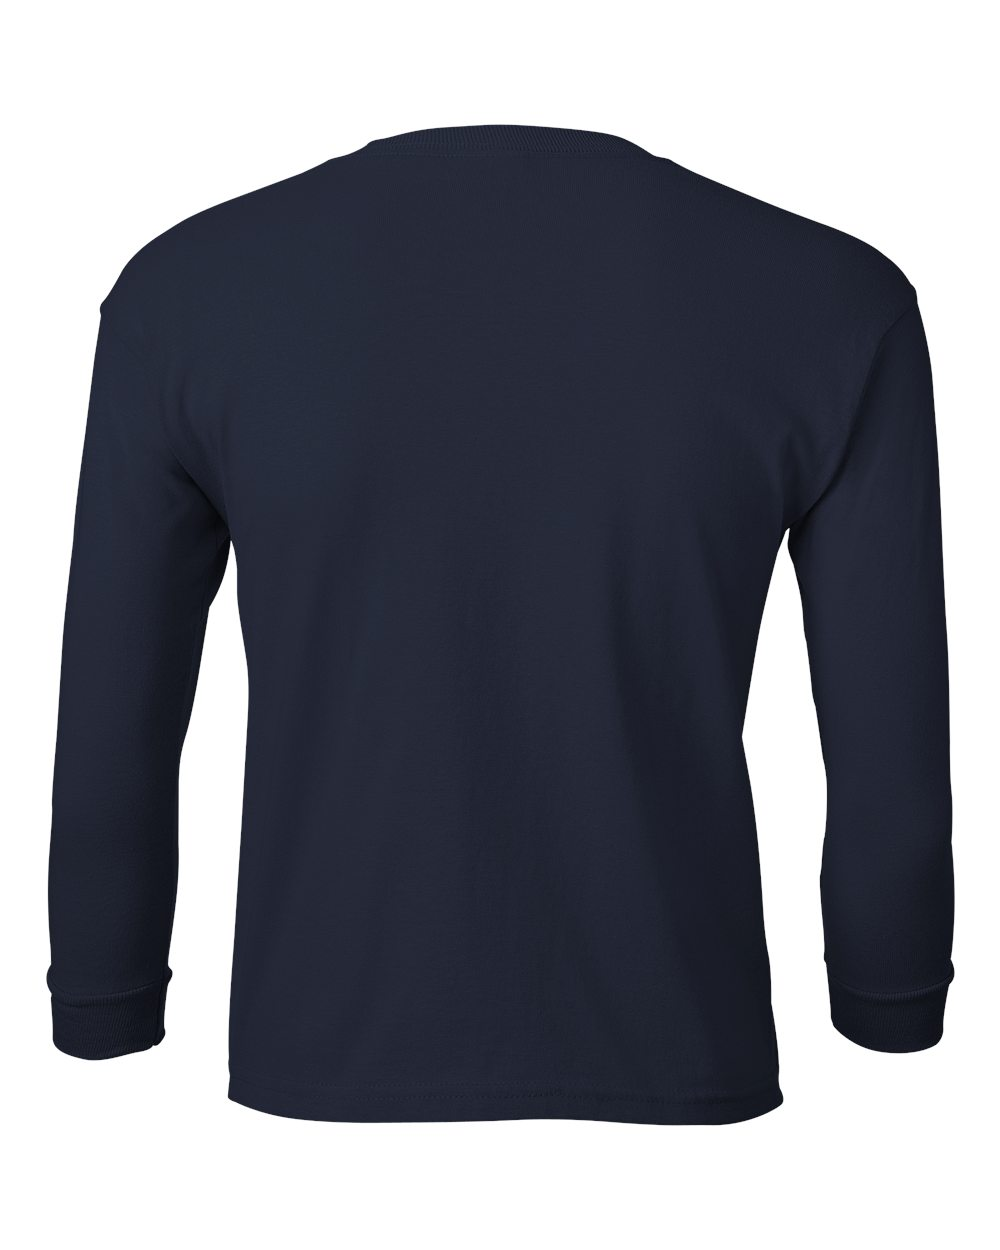 Gildan Youth Long Sleeve T-shirt Gildan Youth Ultra Cotton Long